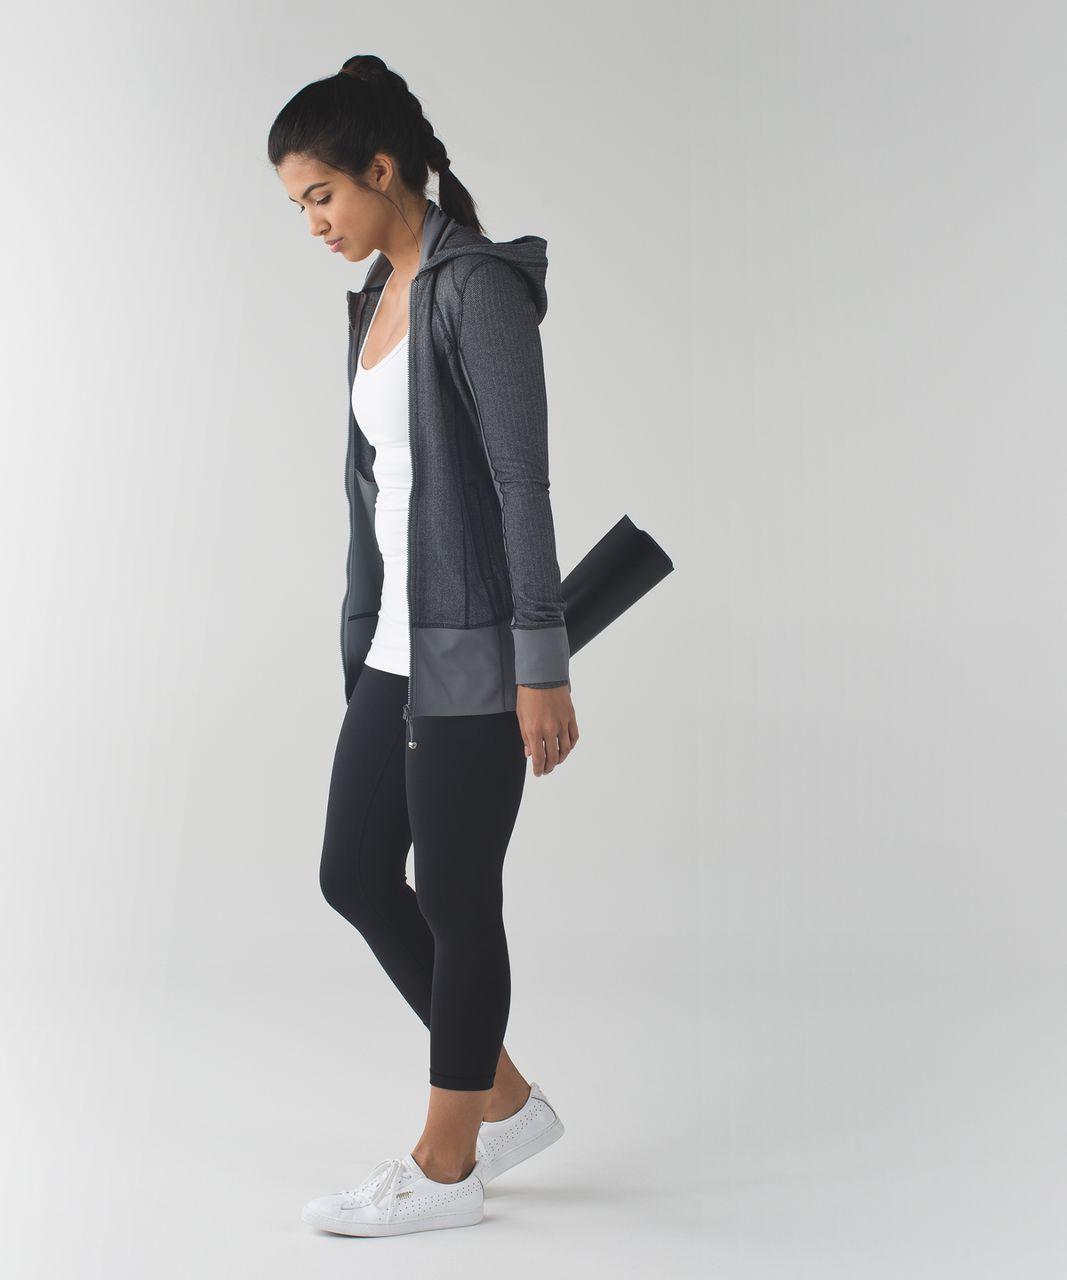 Lululemon Daily Practice Jacket - Heathered Herringbone Heathered Slate Black / Slate